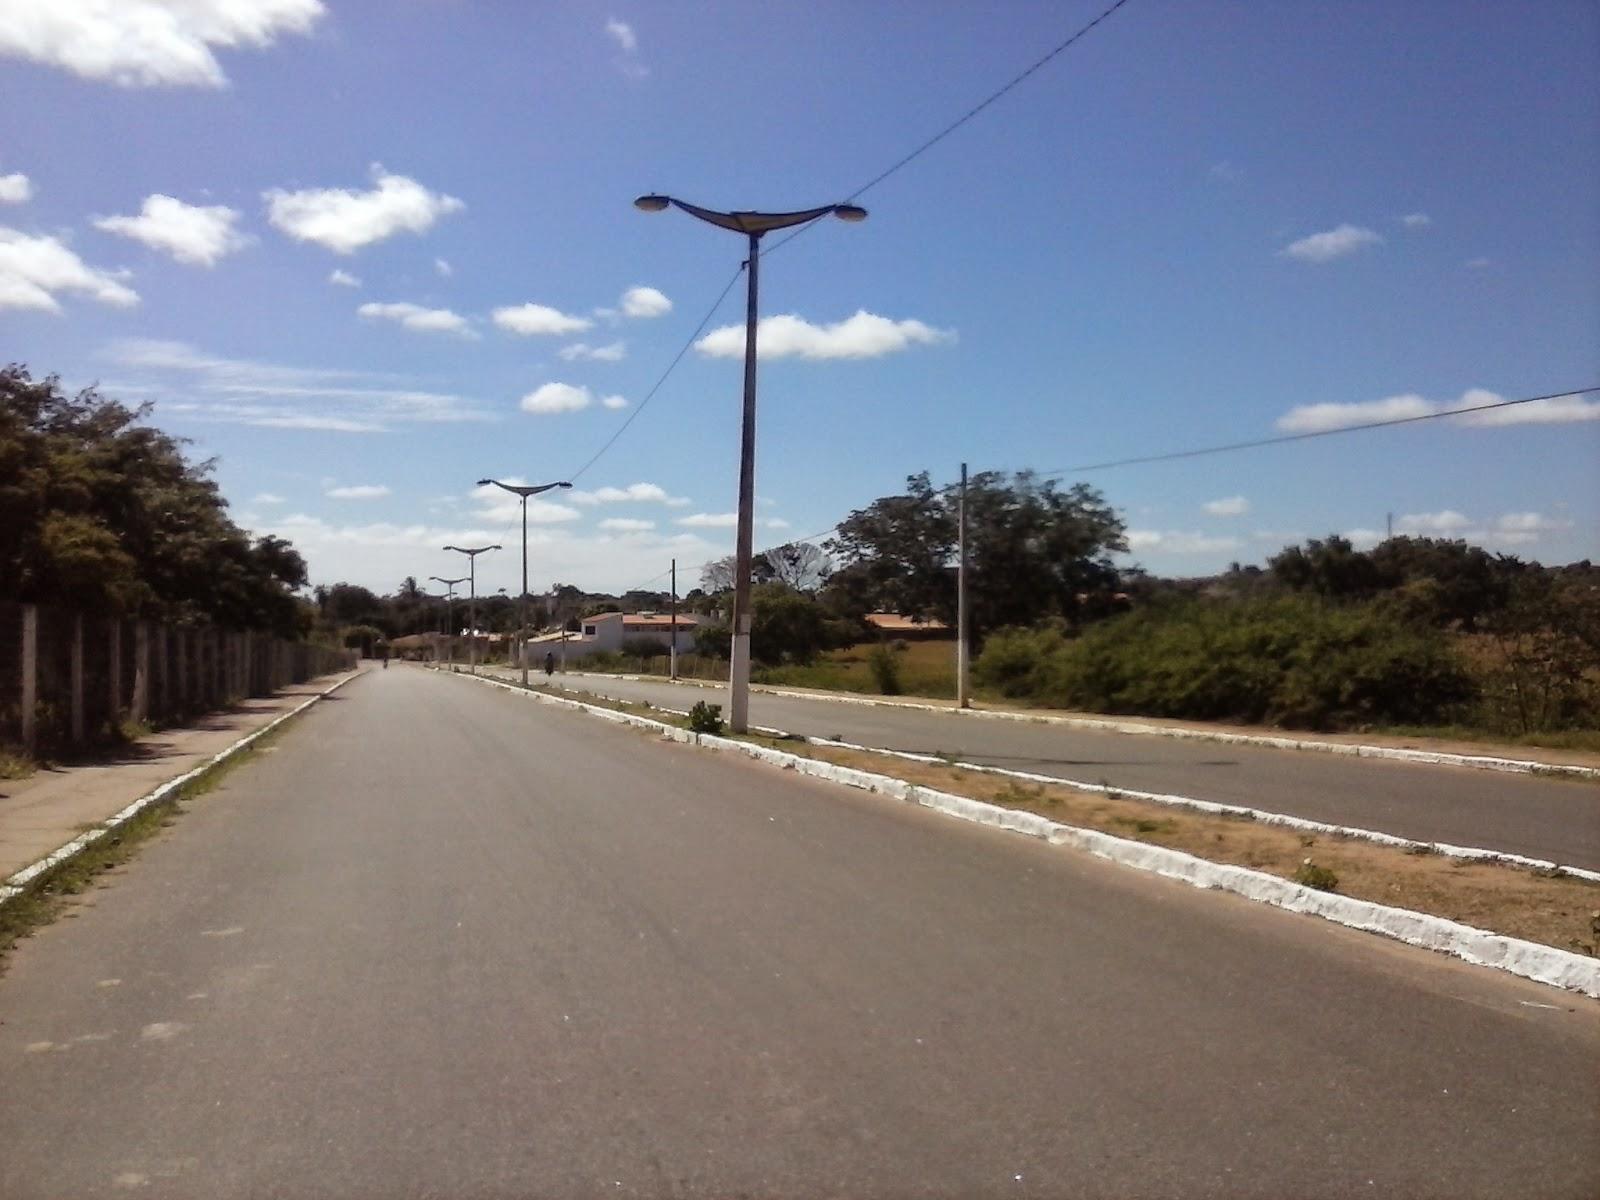 Avenida marginal asfaltada sem drenagem: caos no inverno.